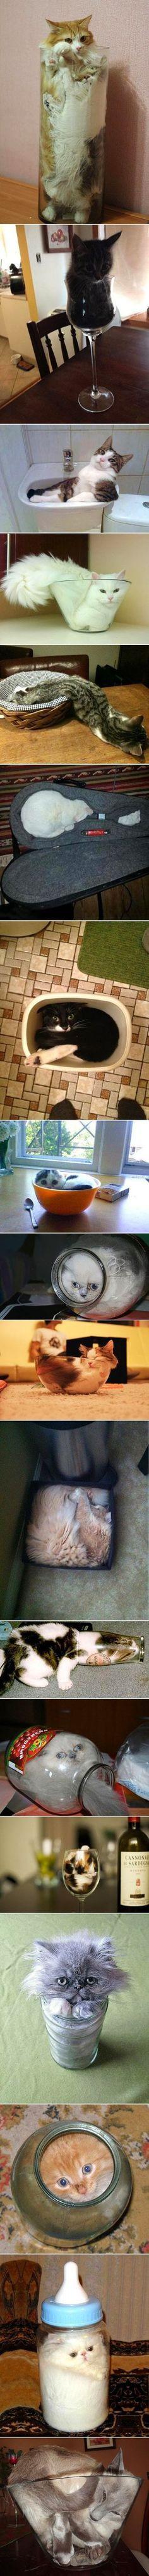 cat holders 2.1